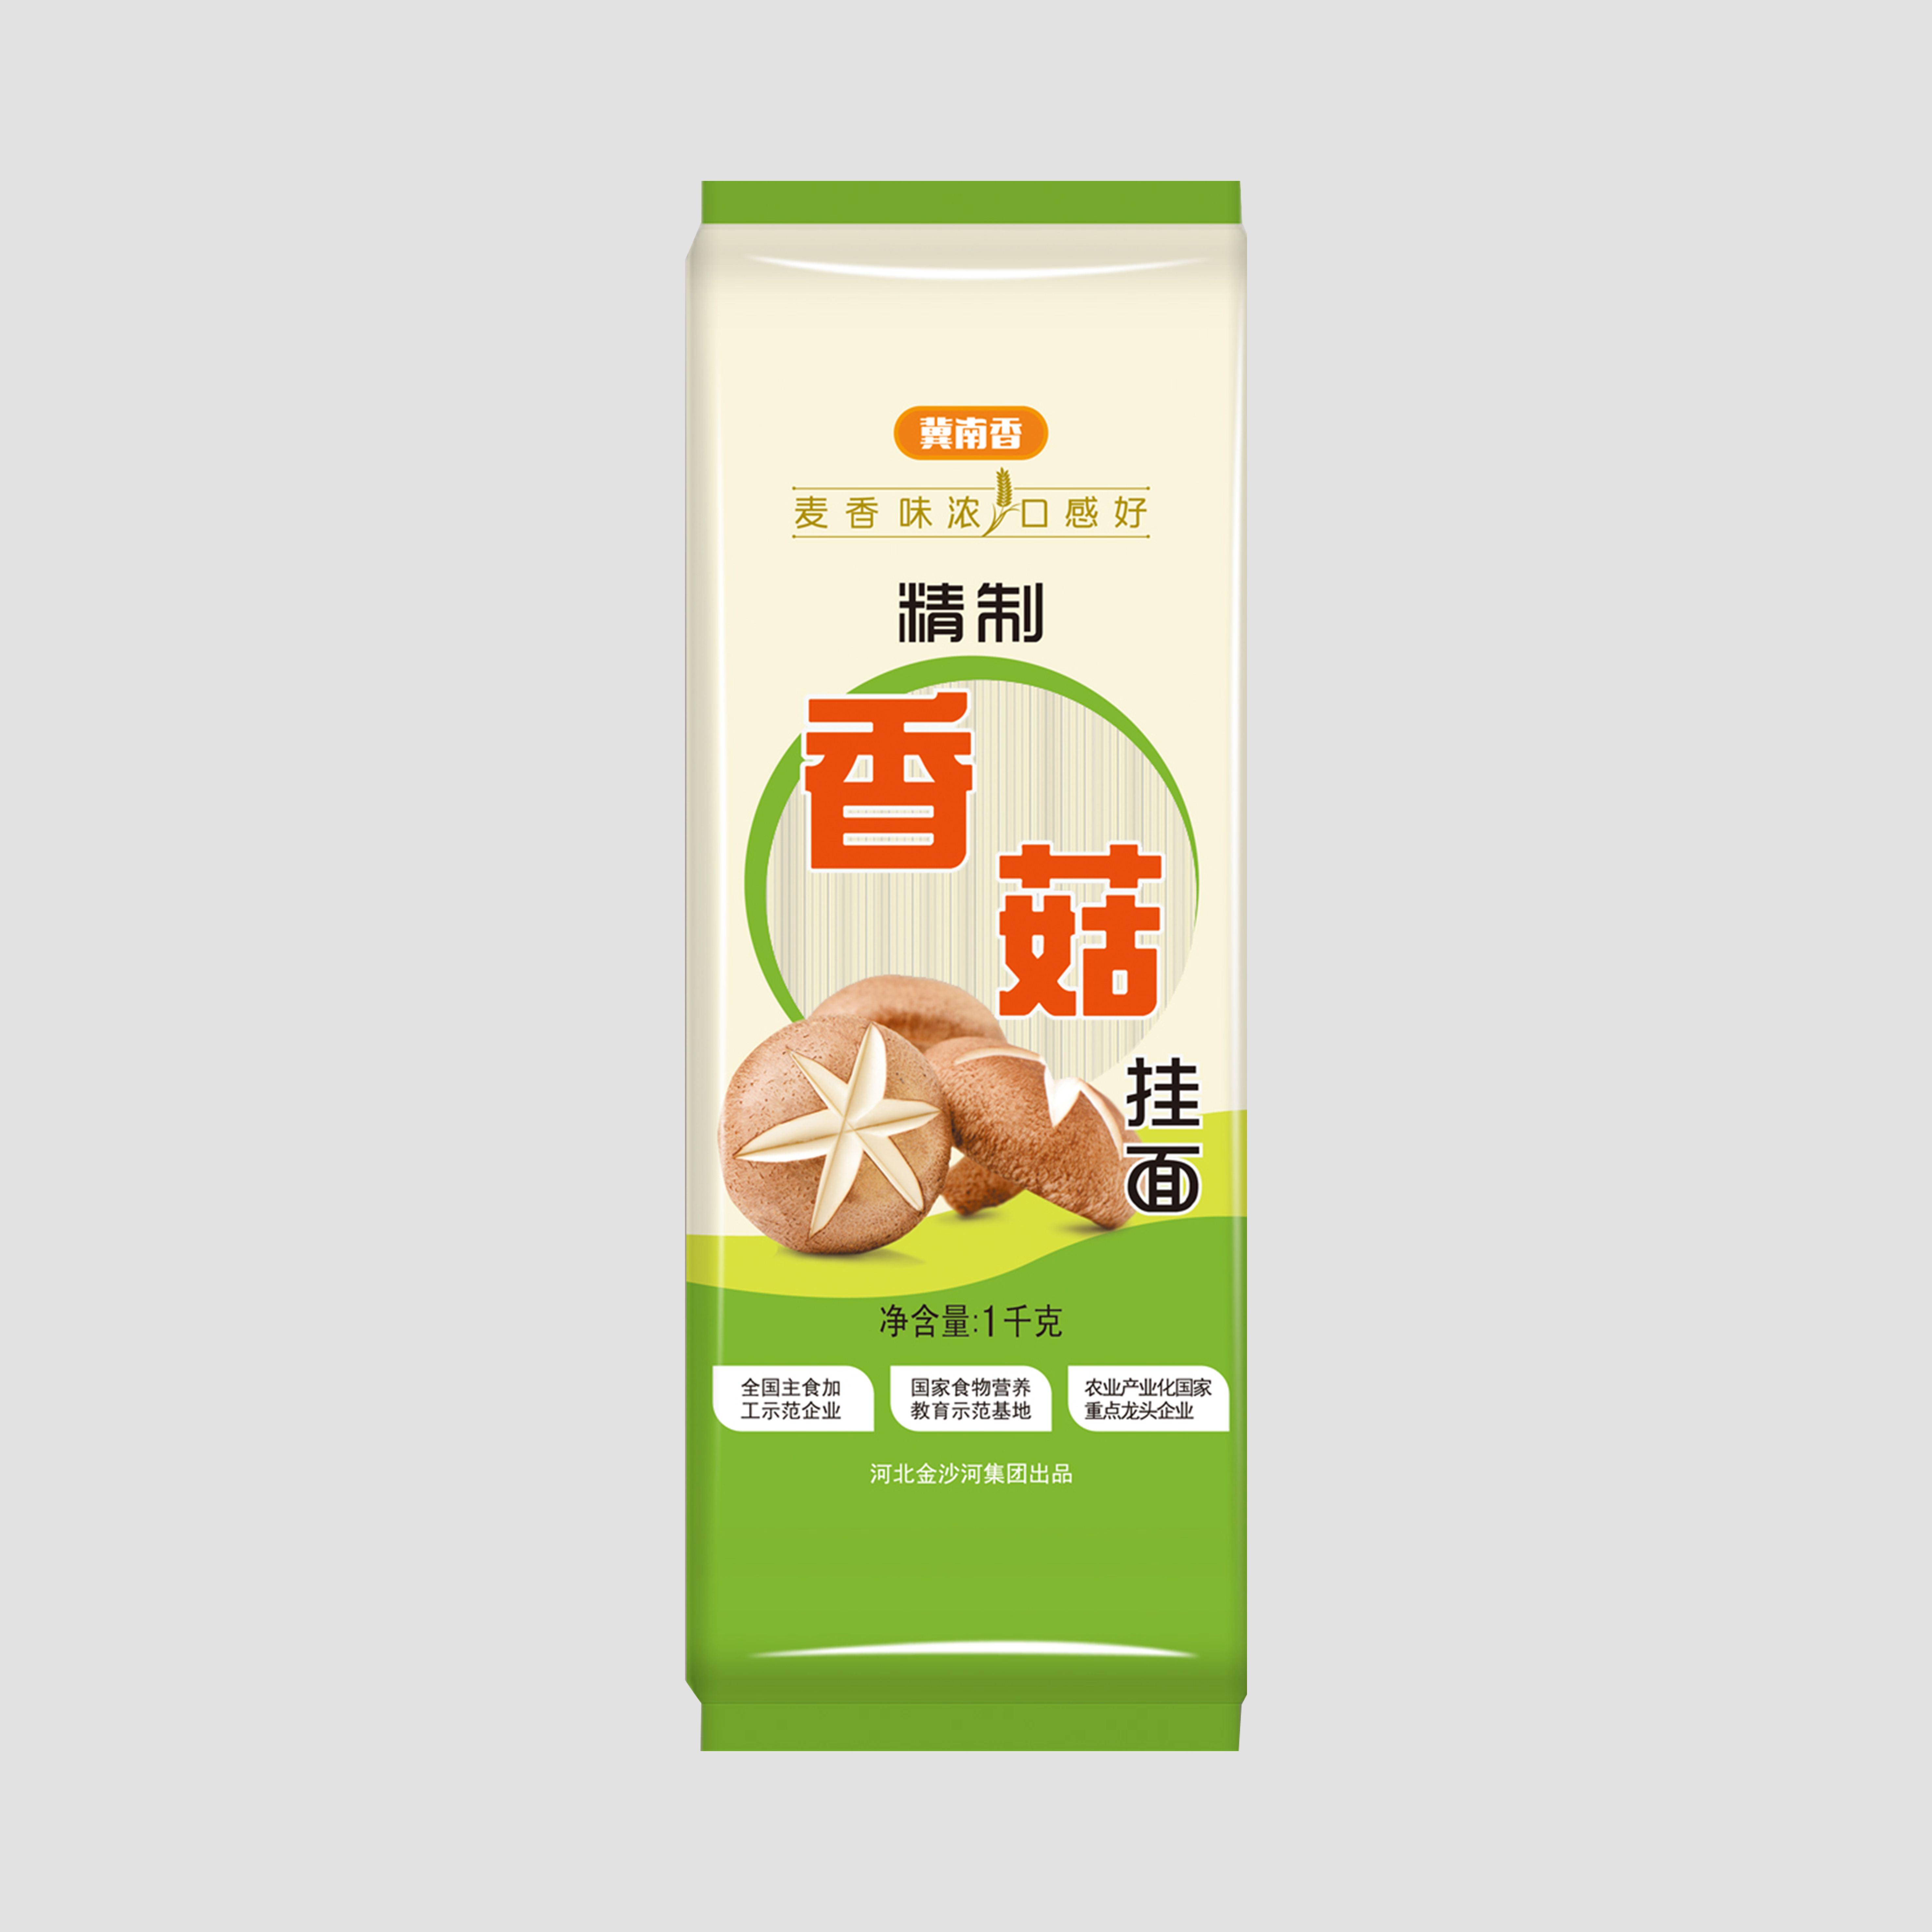 香菇面 (2)